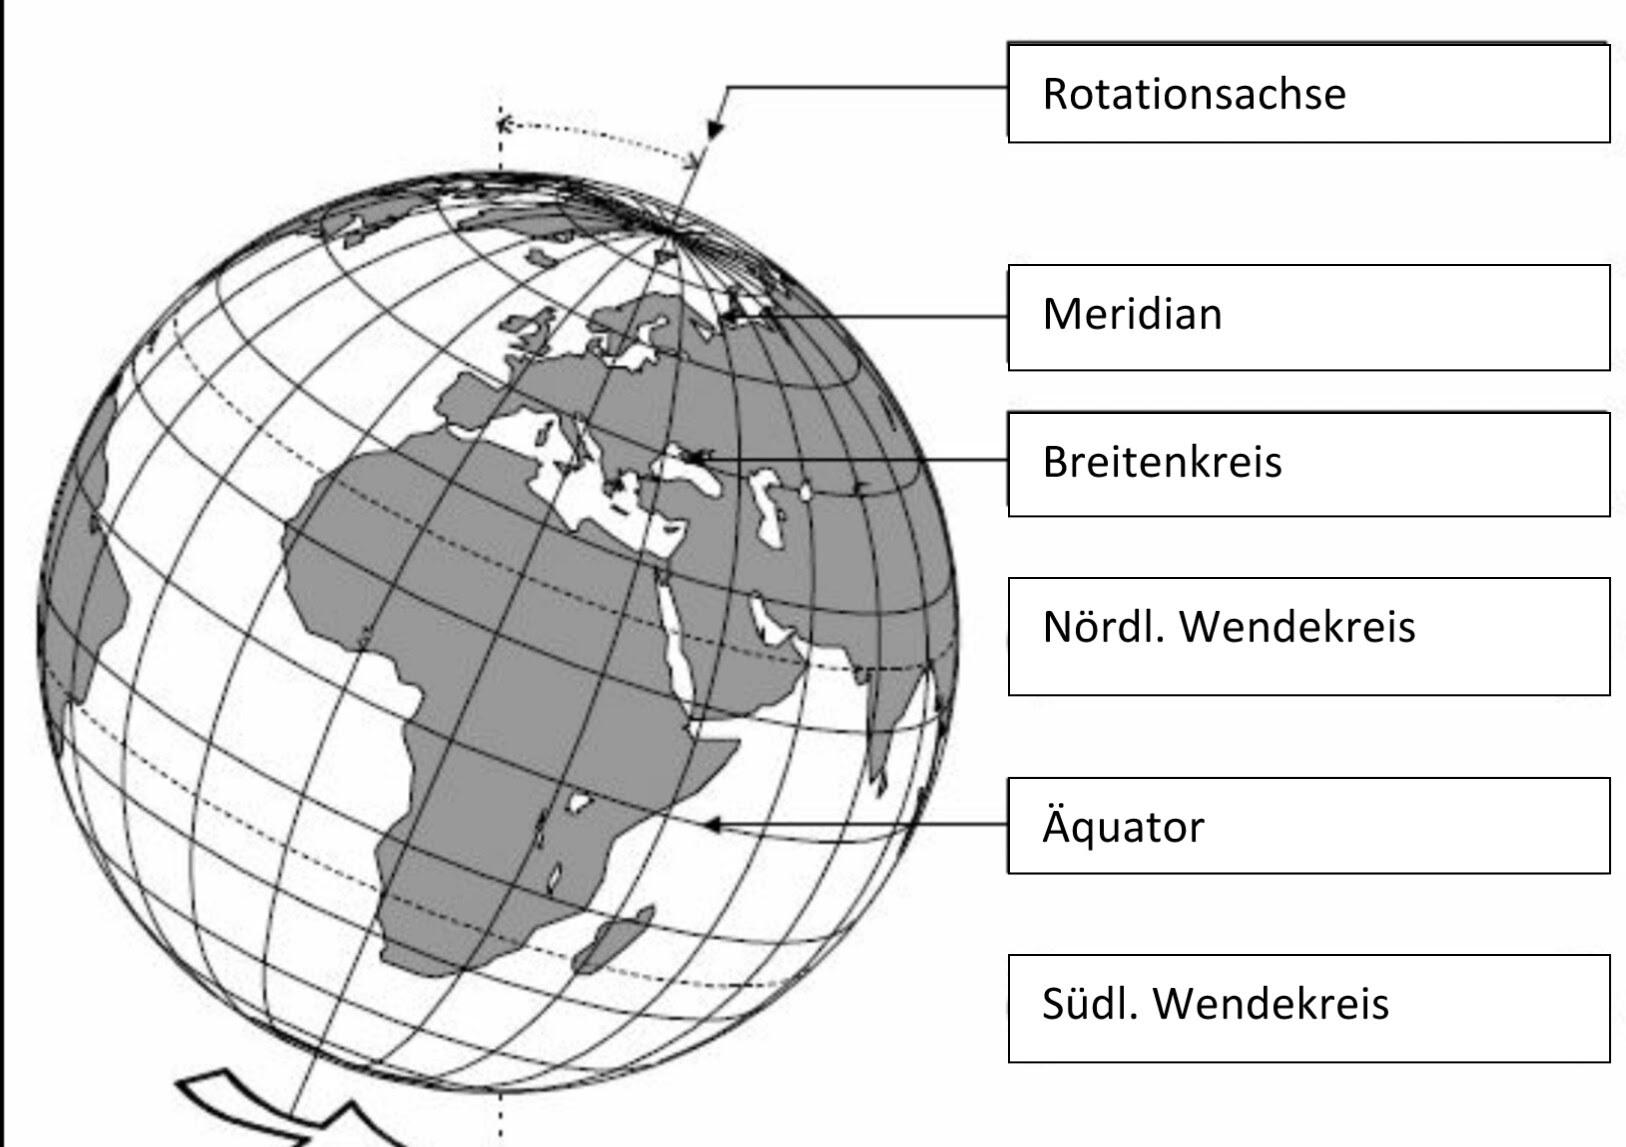 Ein Netz Umspannt Die Erde übungen Zum Gradnetz